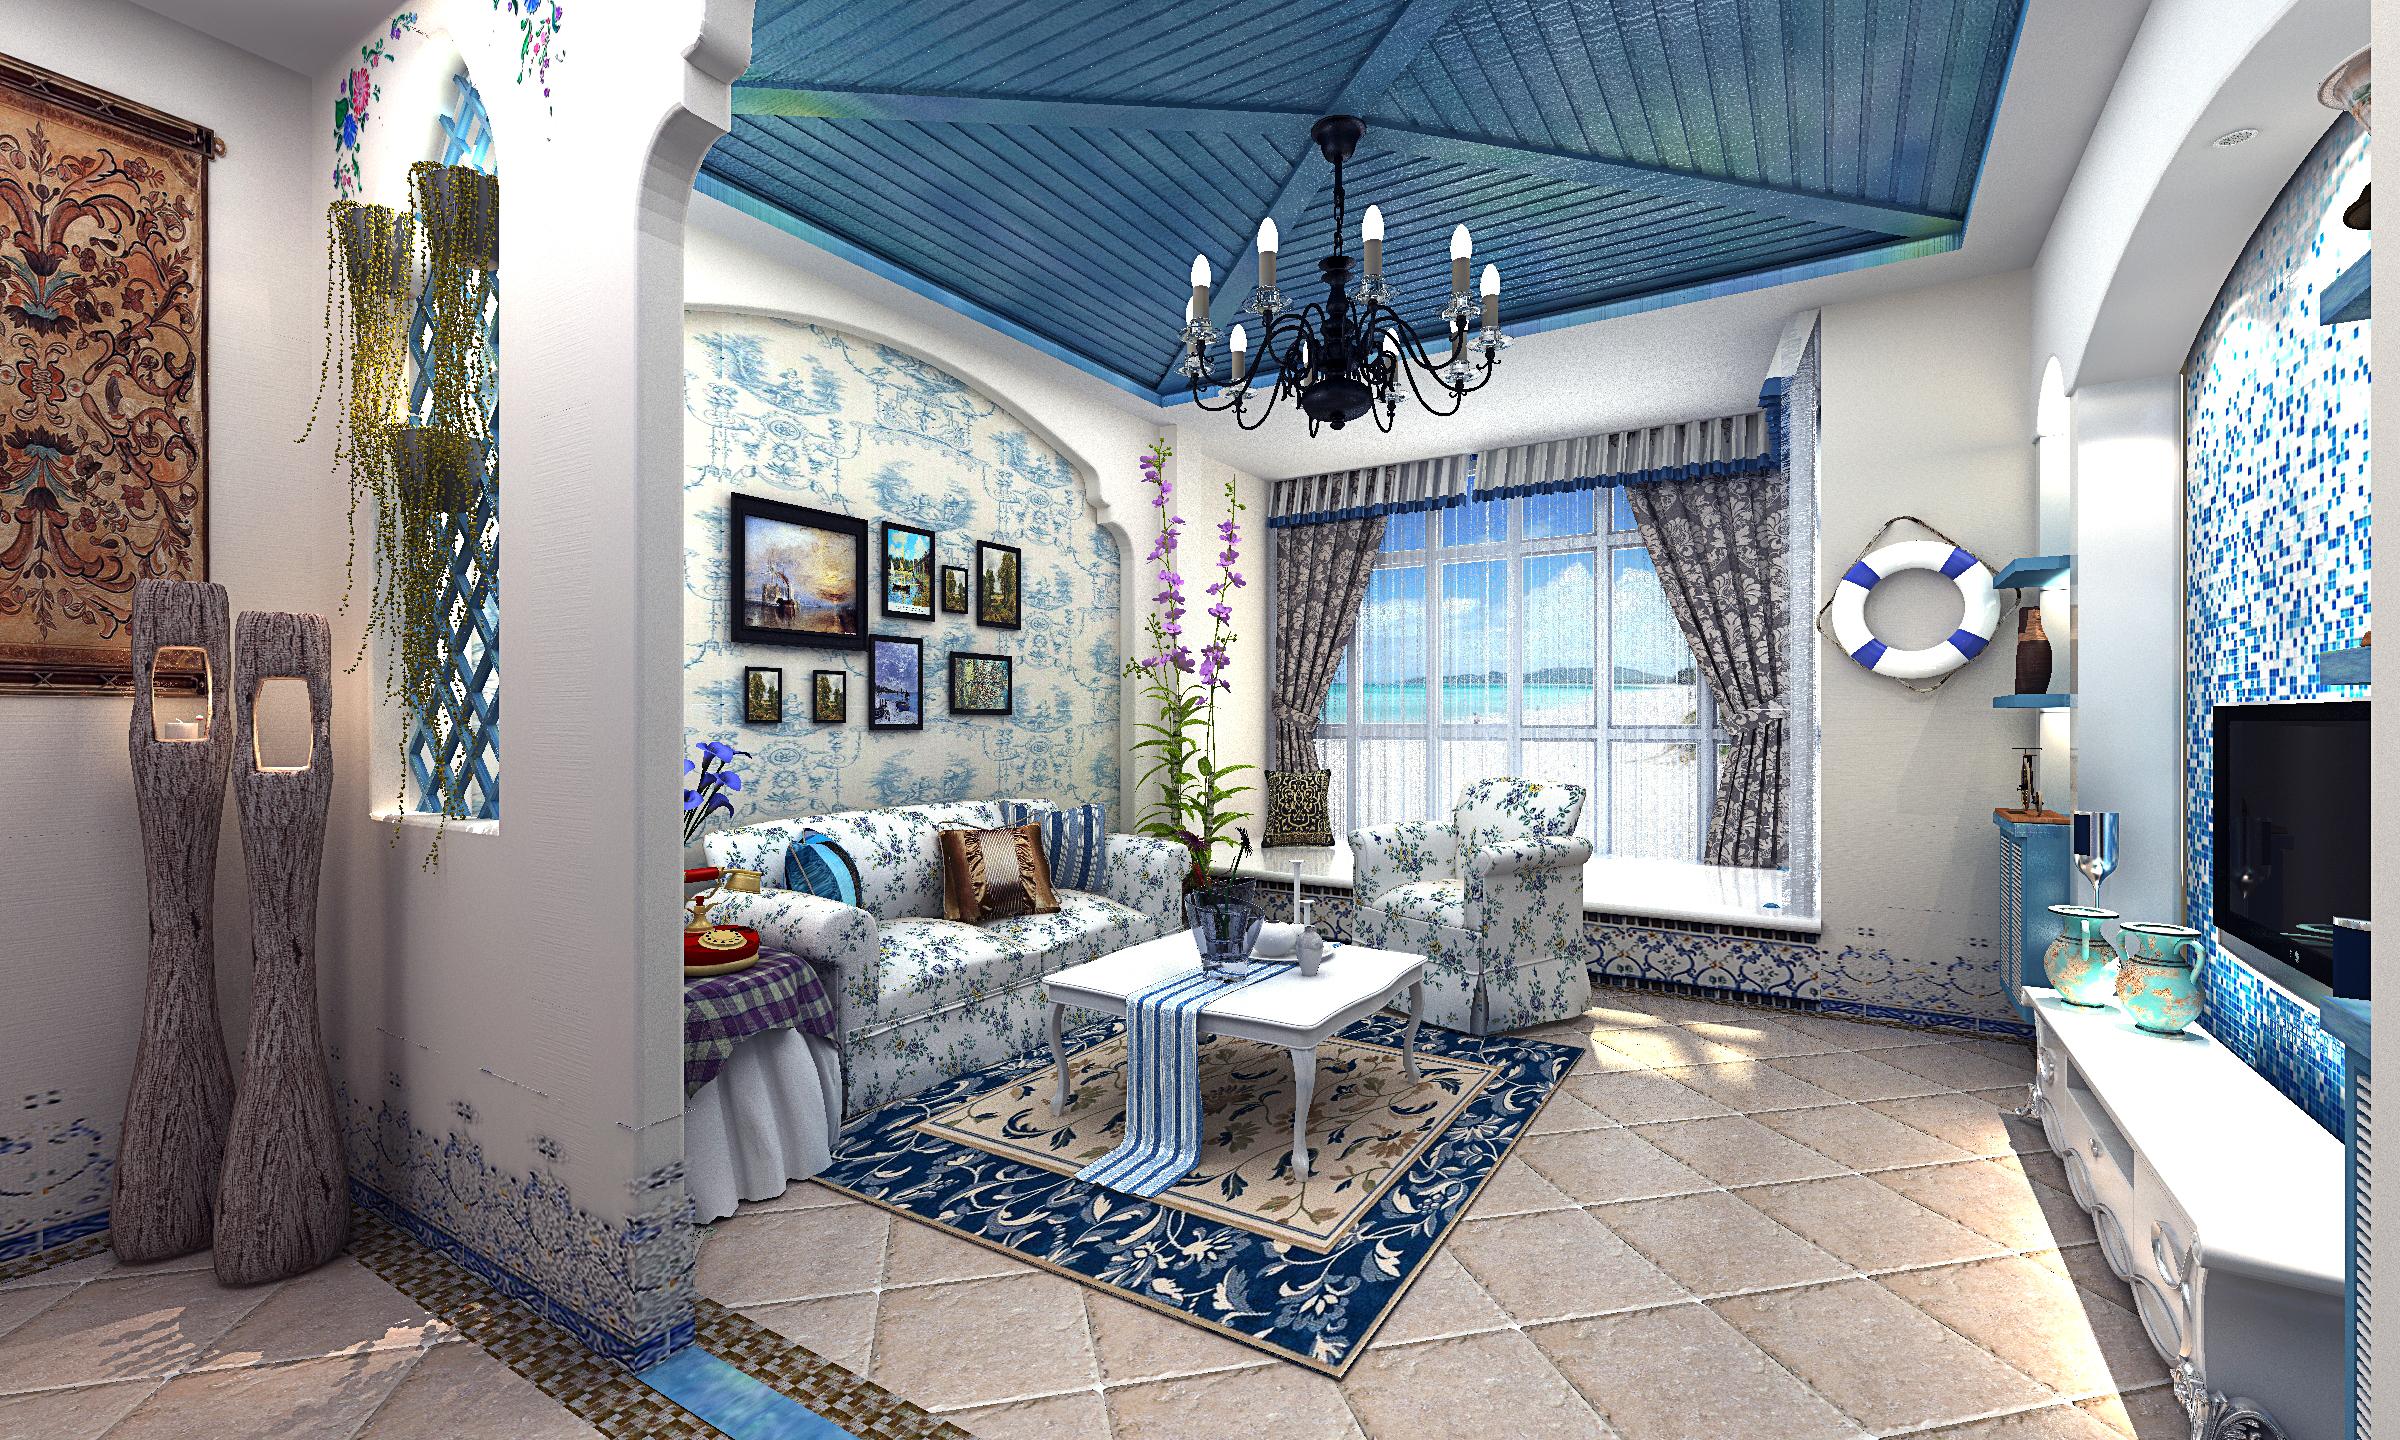 地中海 田园|空间|室内设计|_淡然_ - 原创作品